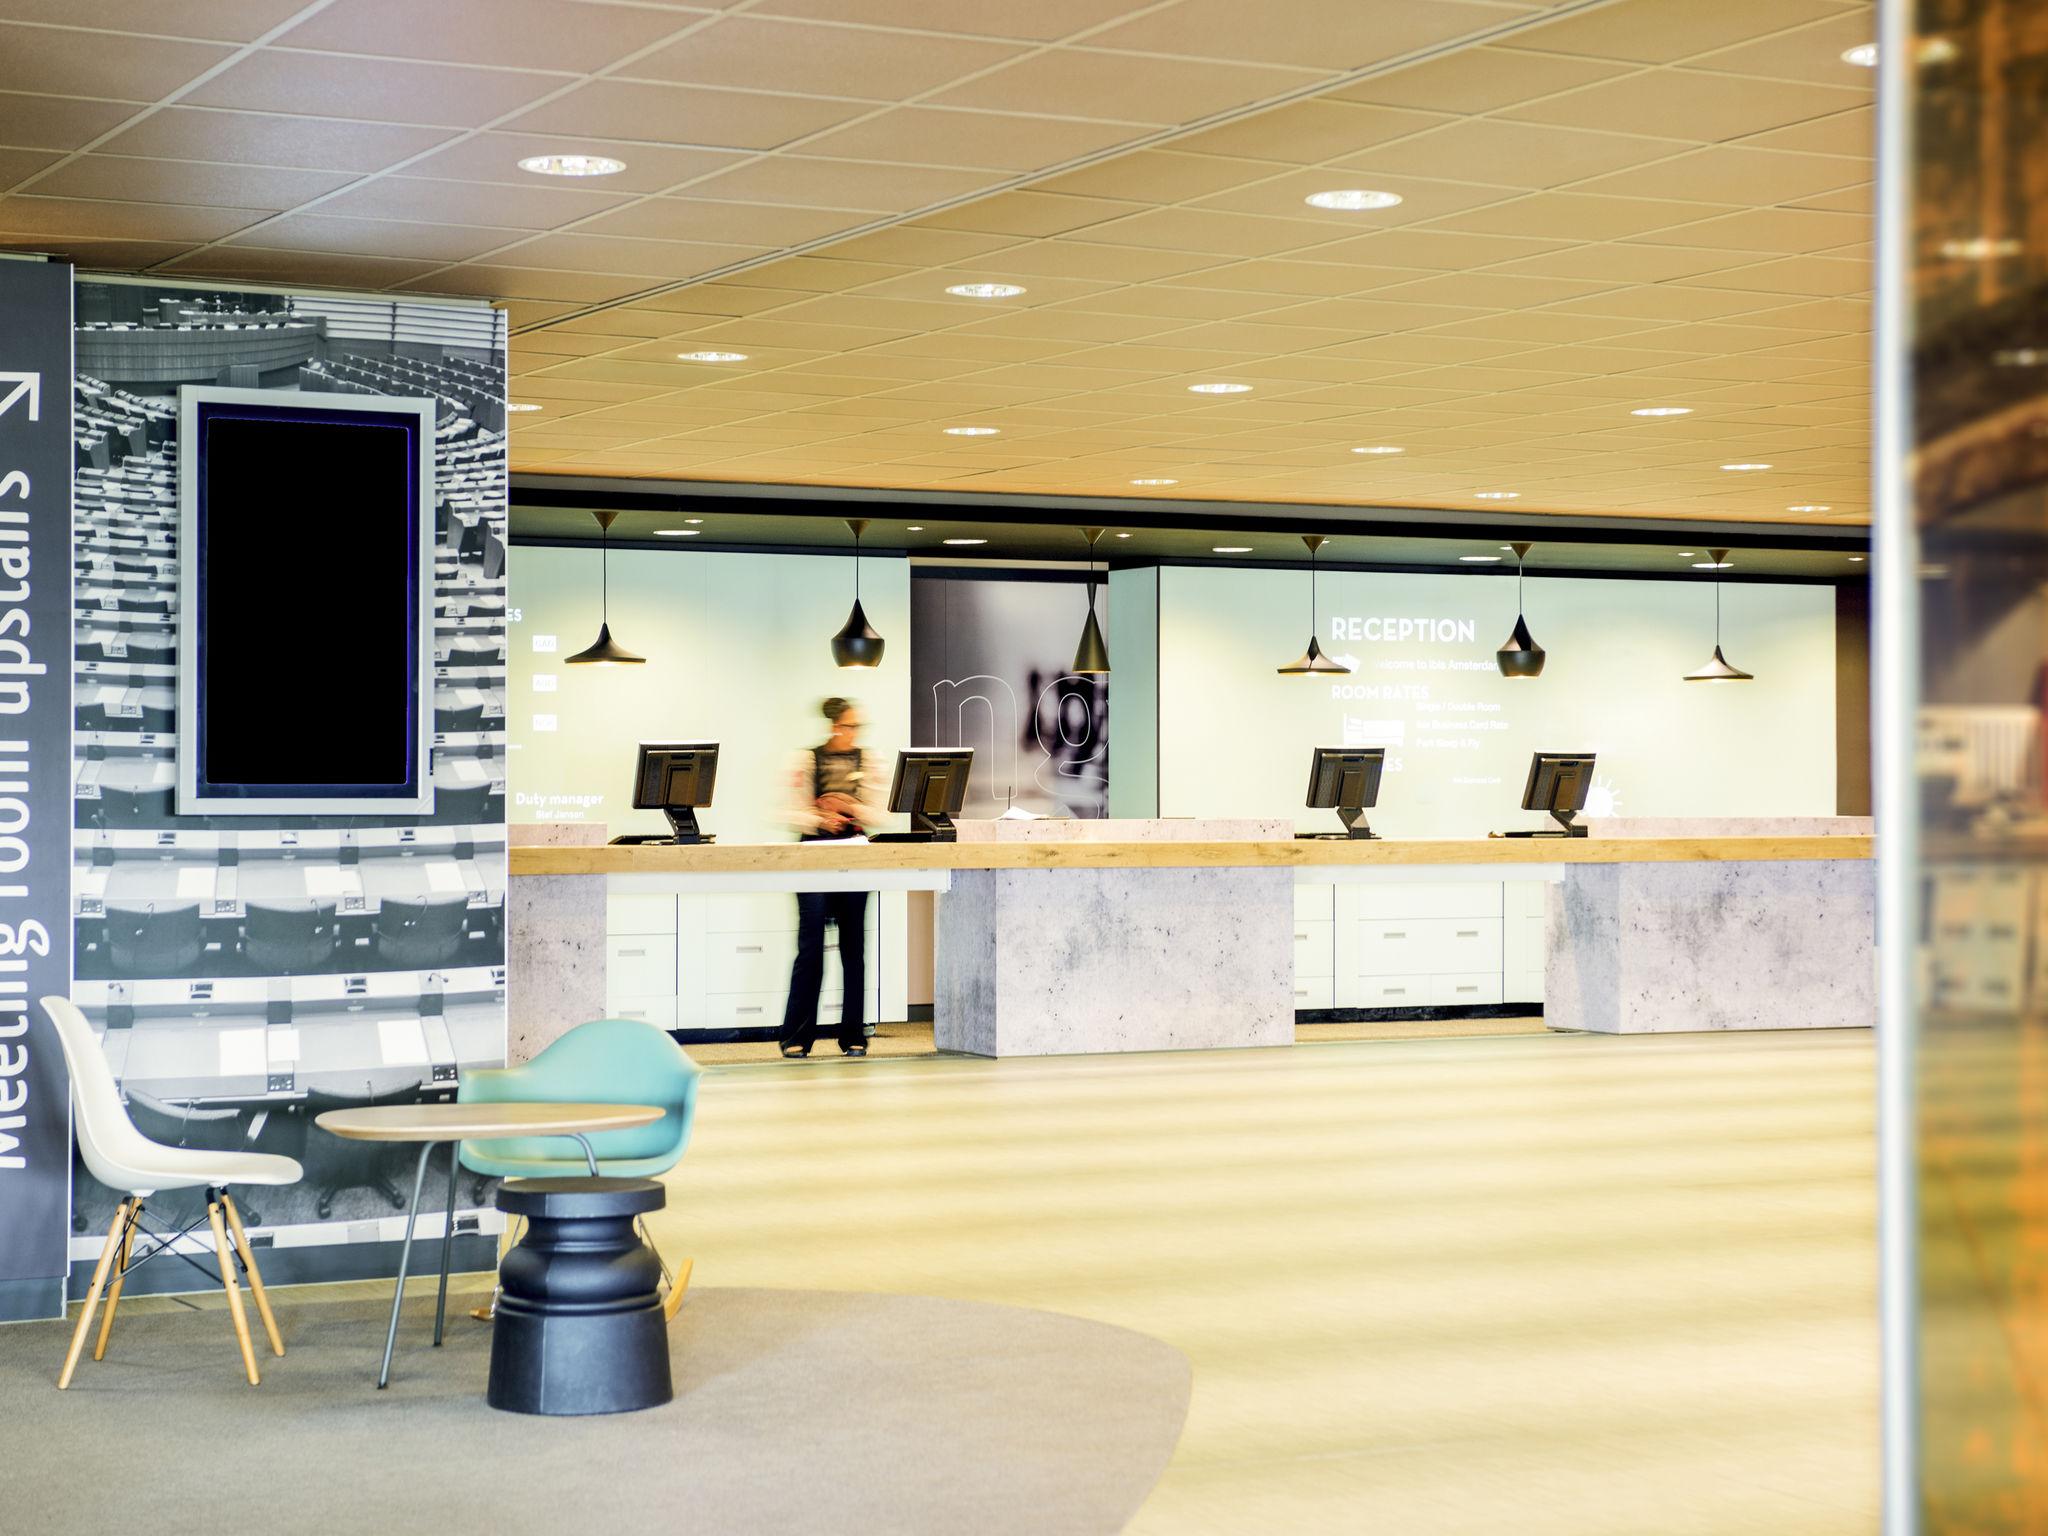 فندق - فندق إيبيس ibis شيبول أمستردام إيربورت